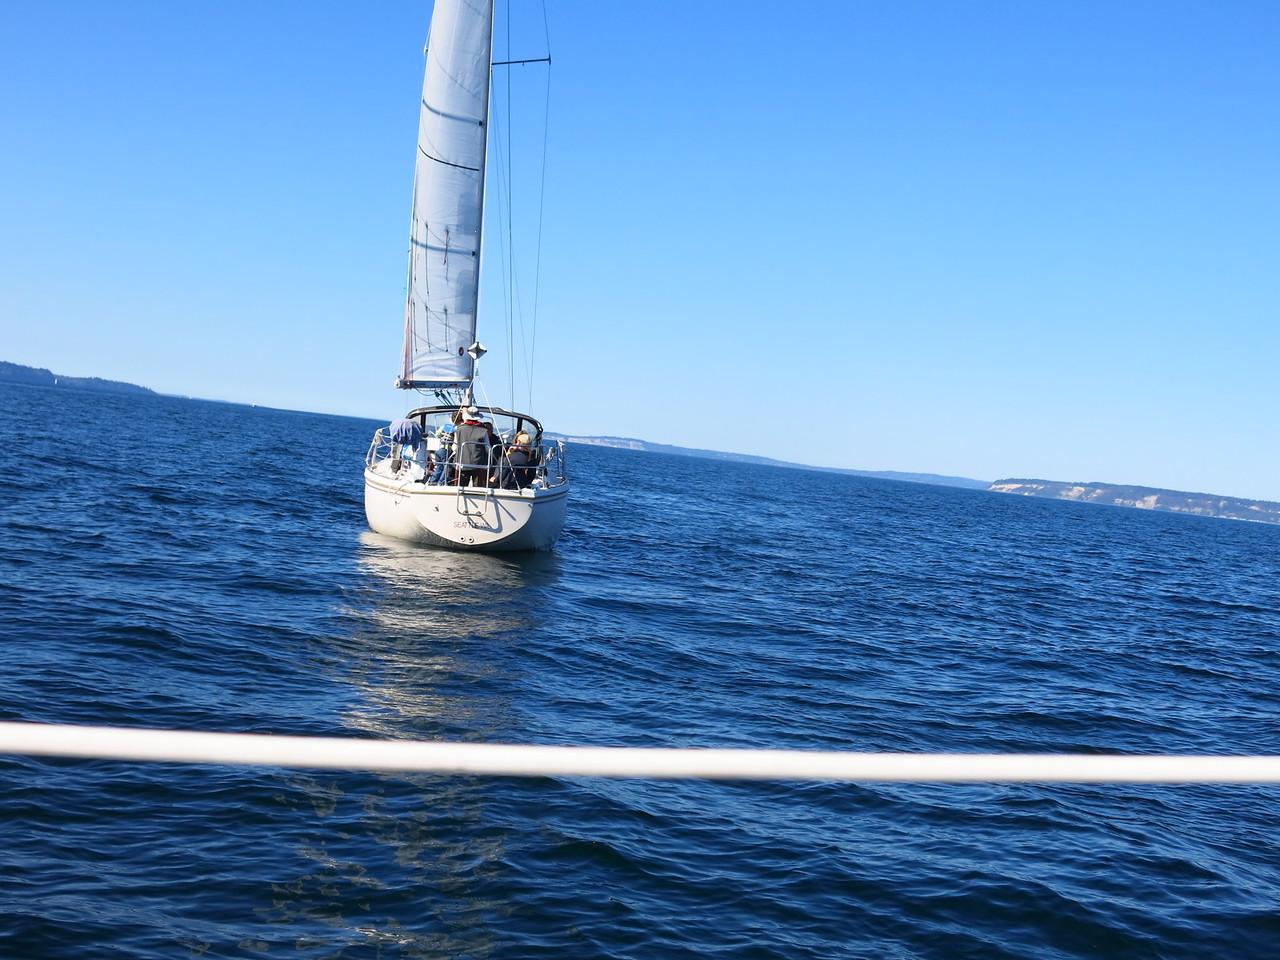 2015-10-04 Sail (23)